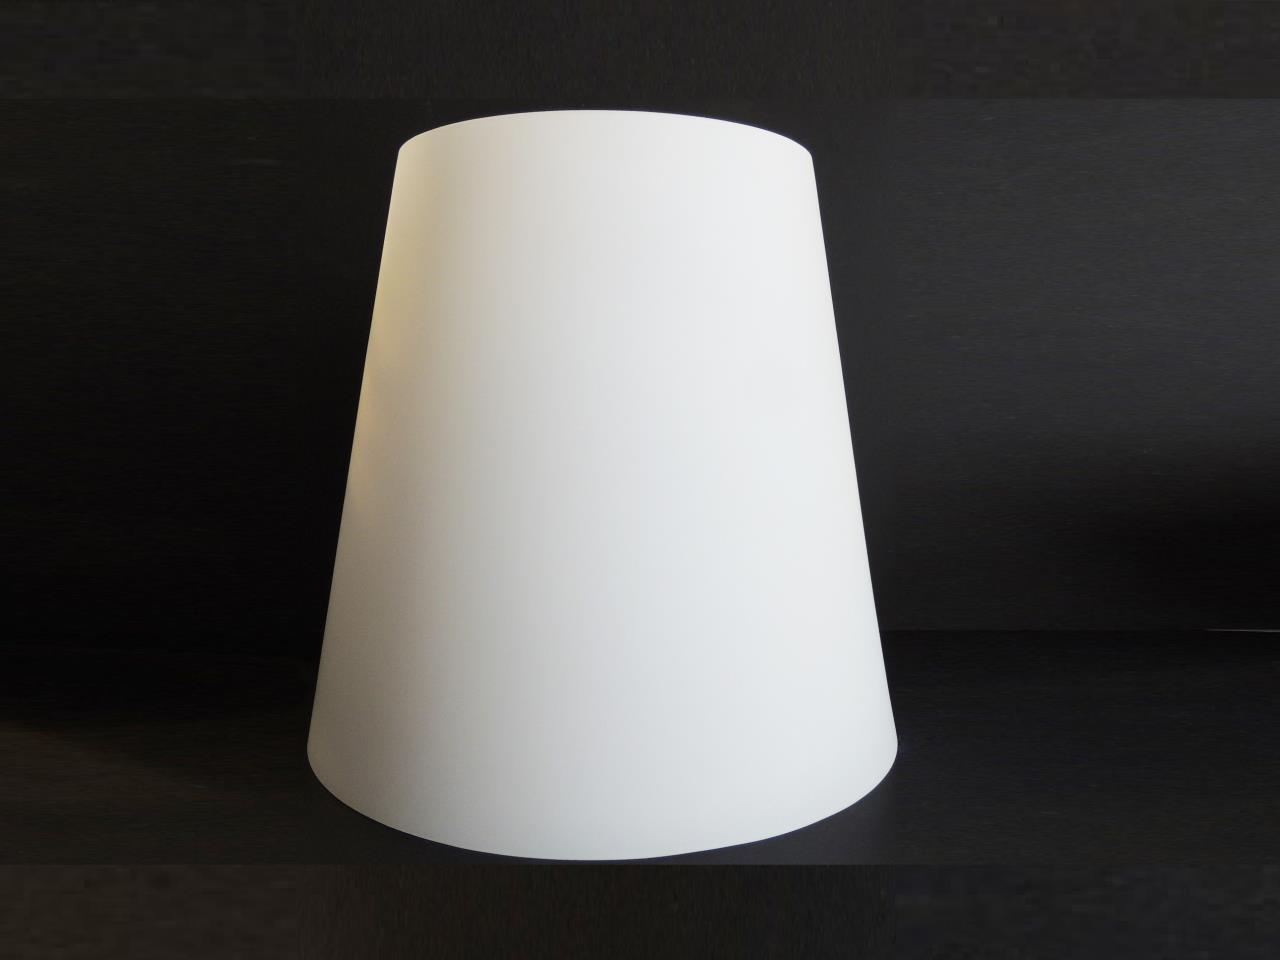 Vetri di ricambio per lampadari paralume in vetro bianco per lampada rossi illuminazione vicenza - Paralumi per lampade da tavolo ...